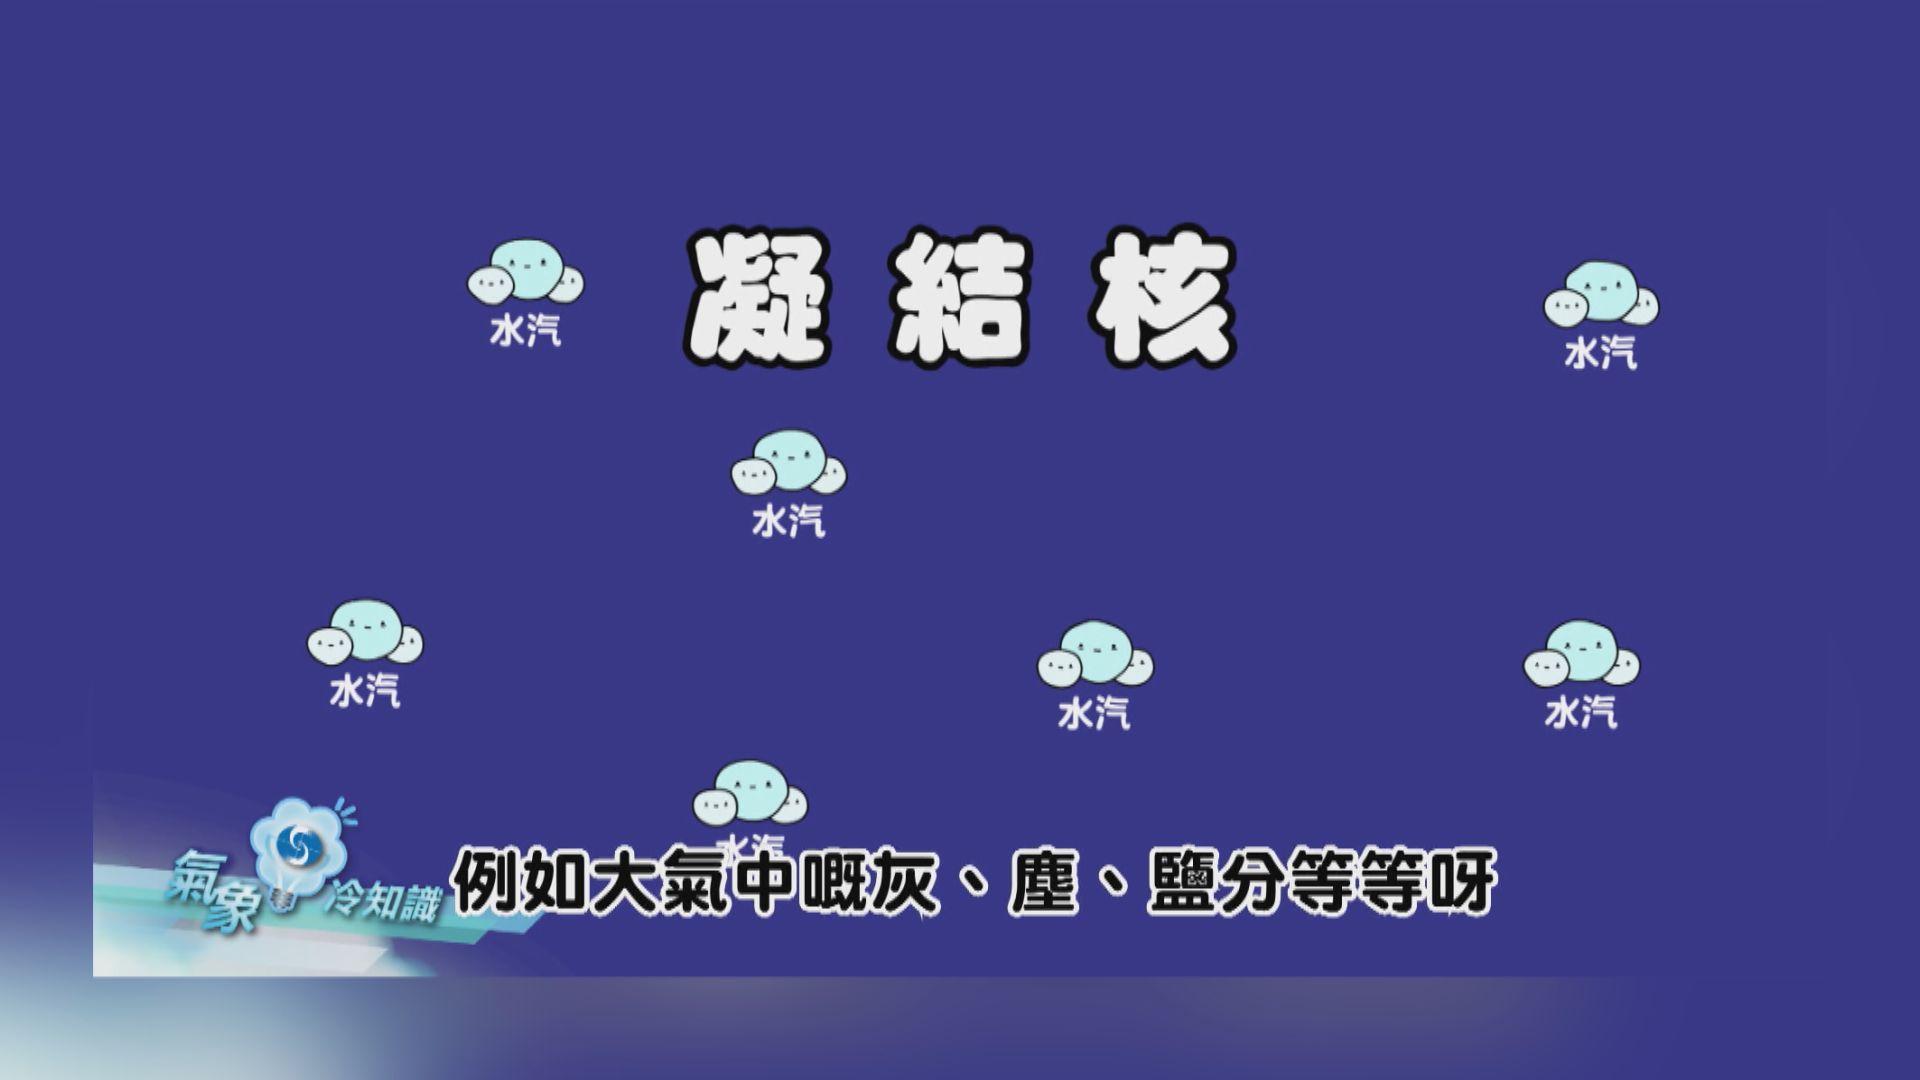 【氣象冷知識】菇菇可以求雨?